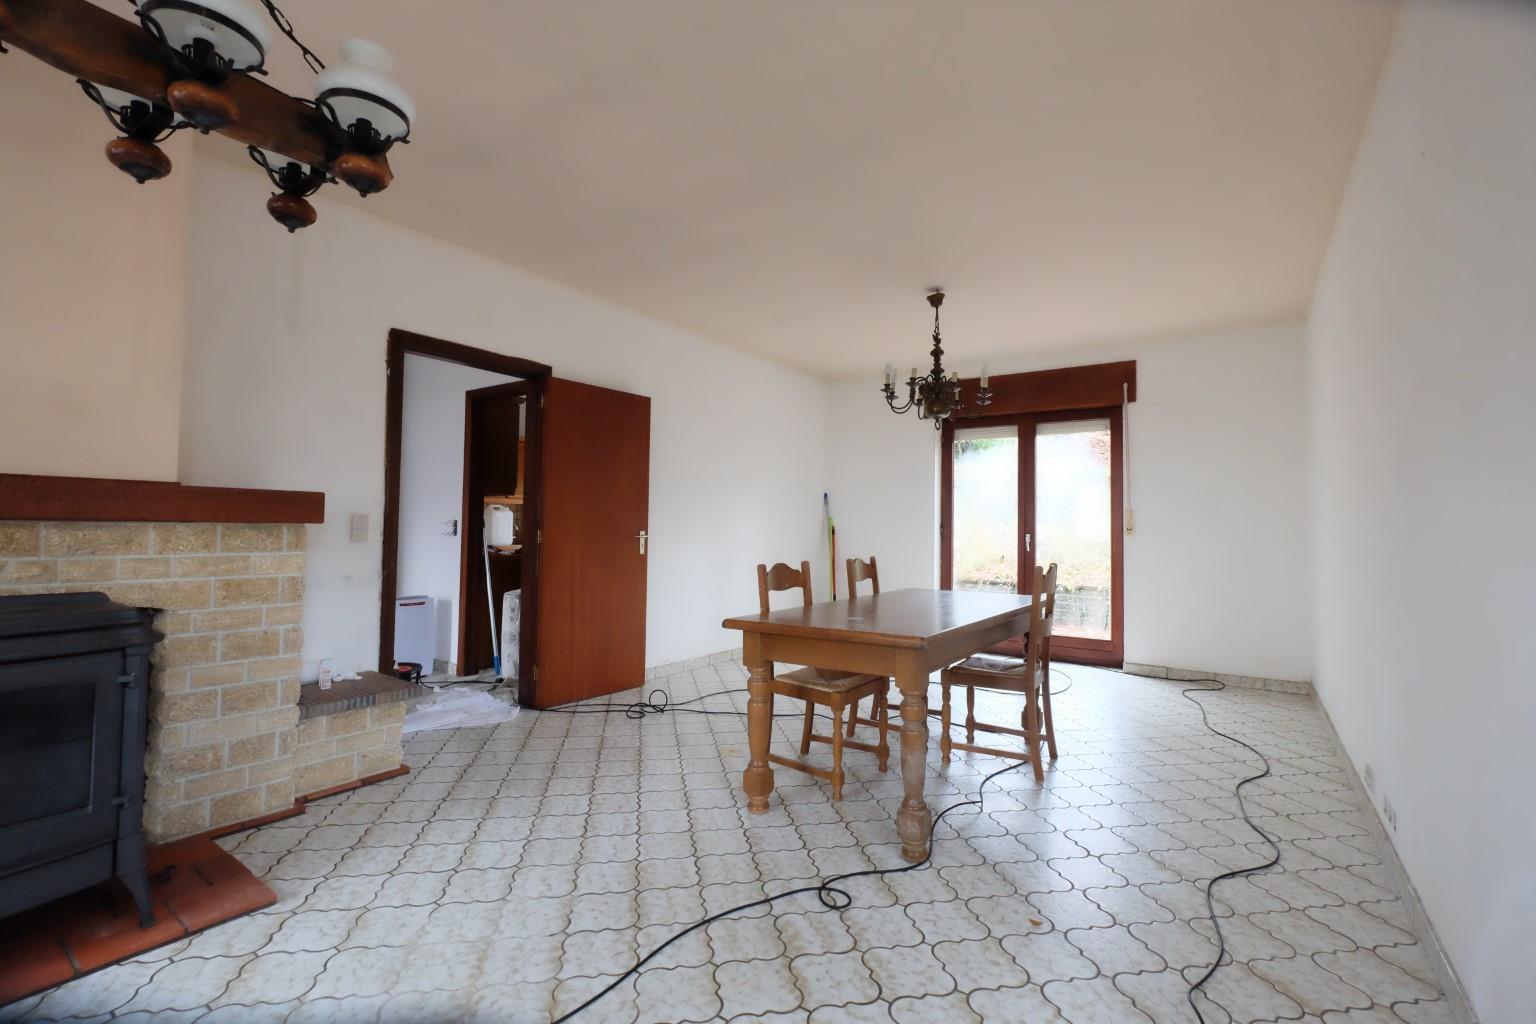 Villa - Braine-le-Comte Hennuyères - #4046821-5